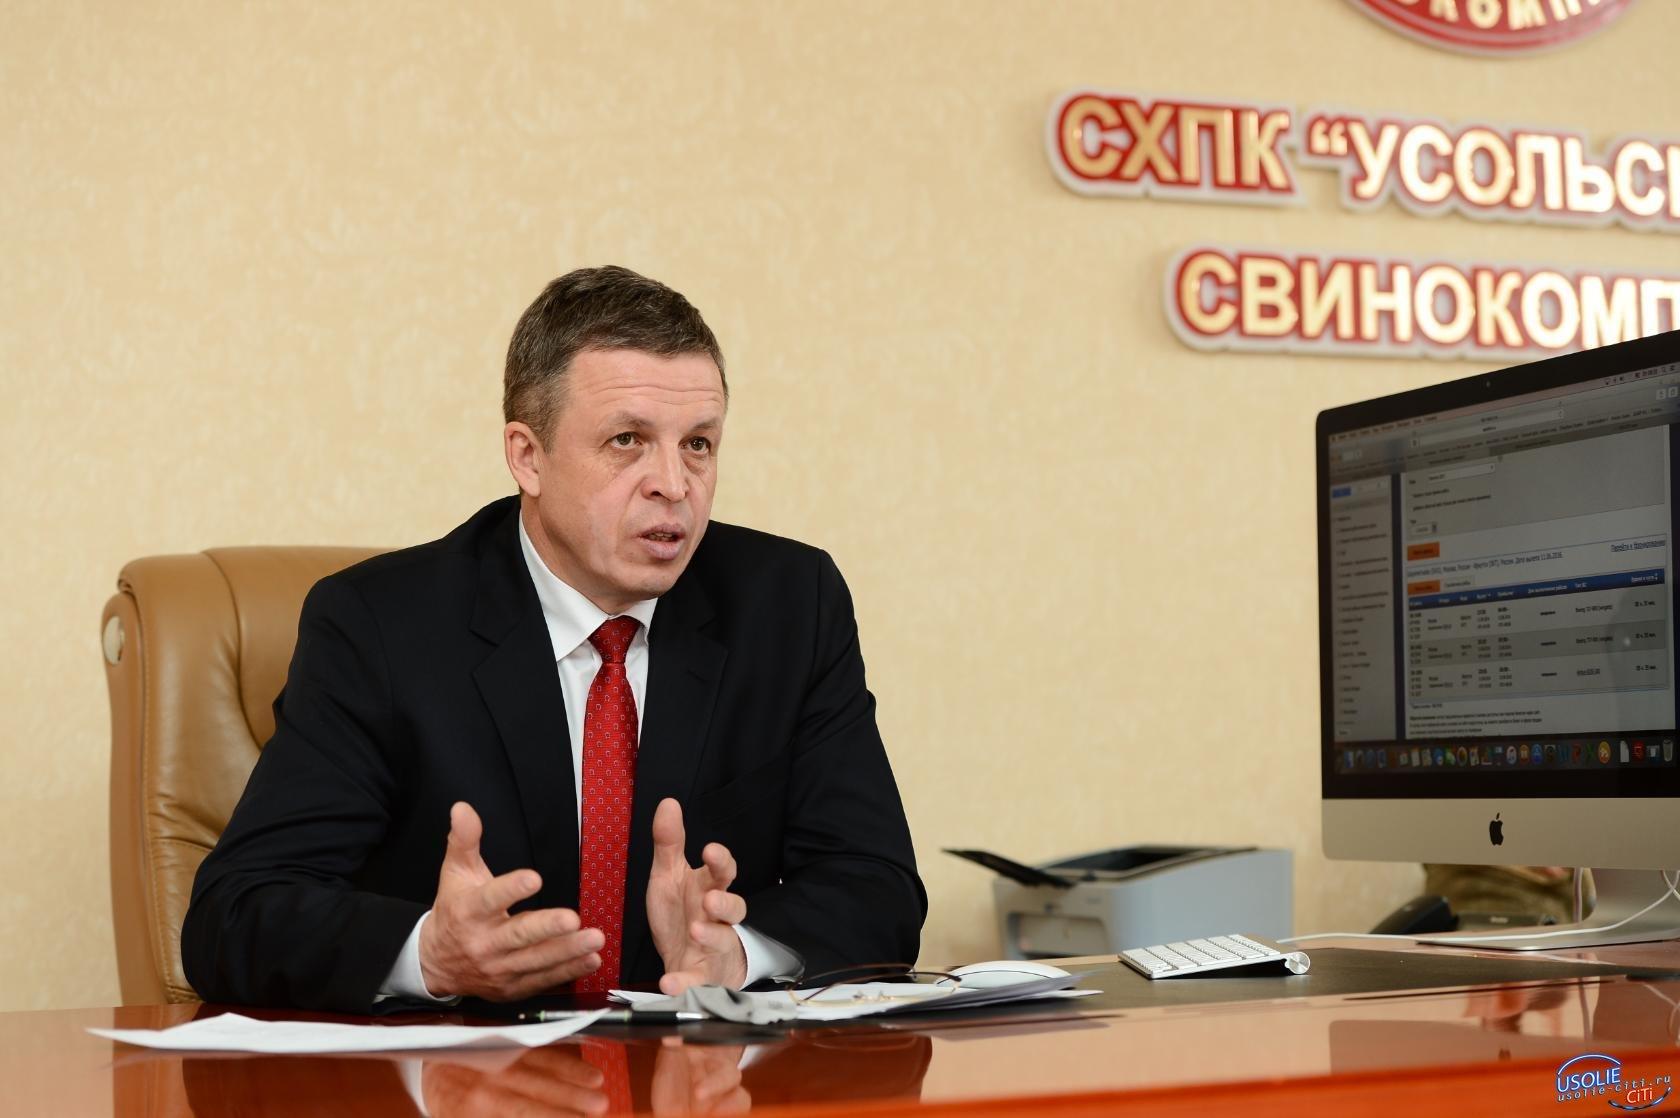 Павел Сумароков: Мы решили вручить всем участникам,  ветеранам и всем детям войны подарки к празднику